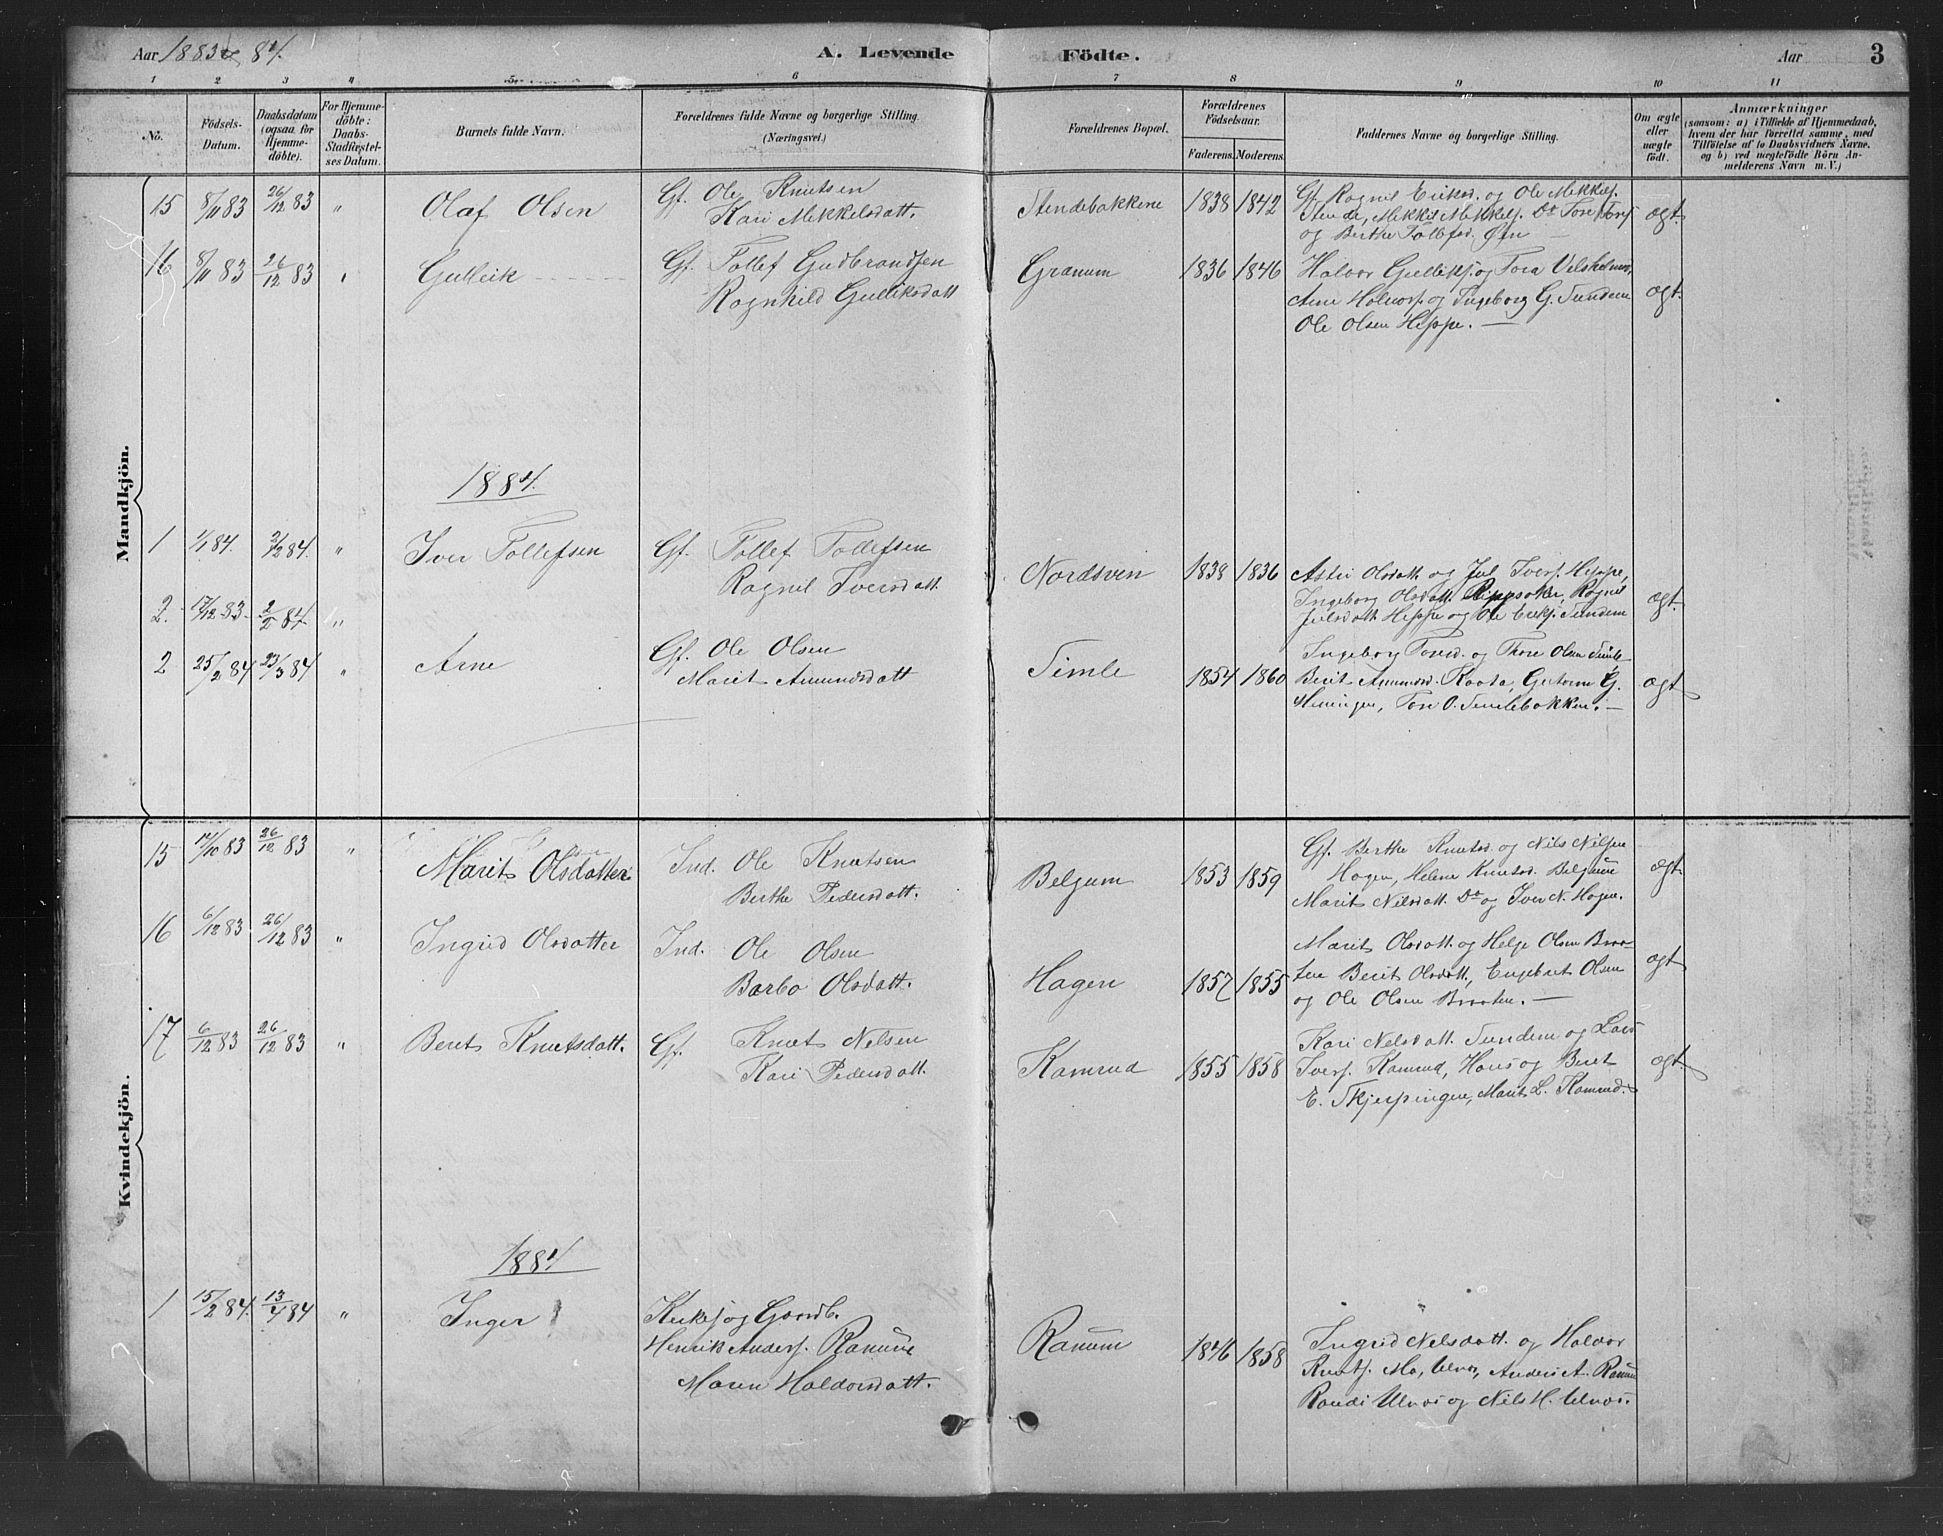 SAH, Nord-Aurdal prestekontor, Klokkerbok nr. 8, 1883-1916, s. 3